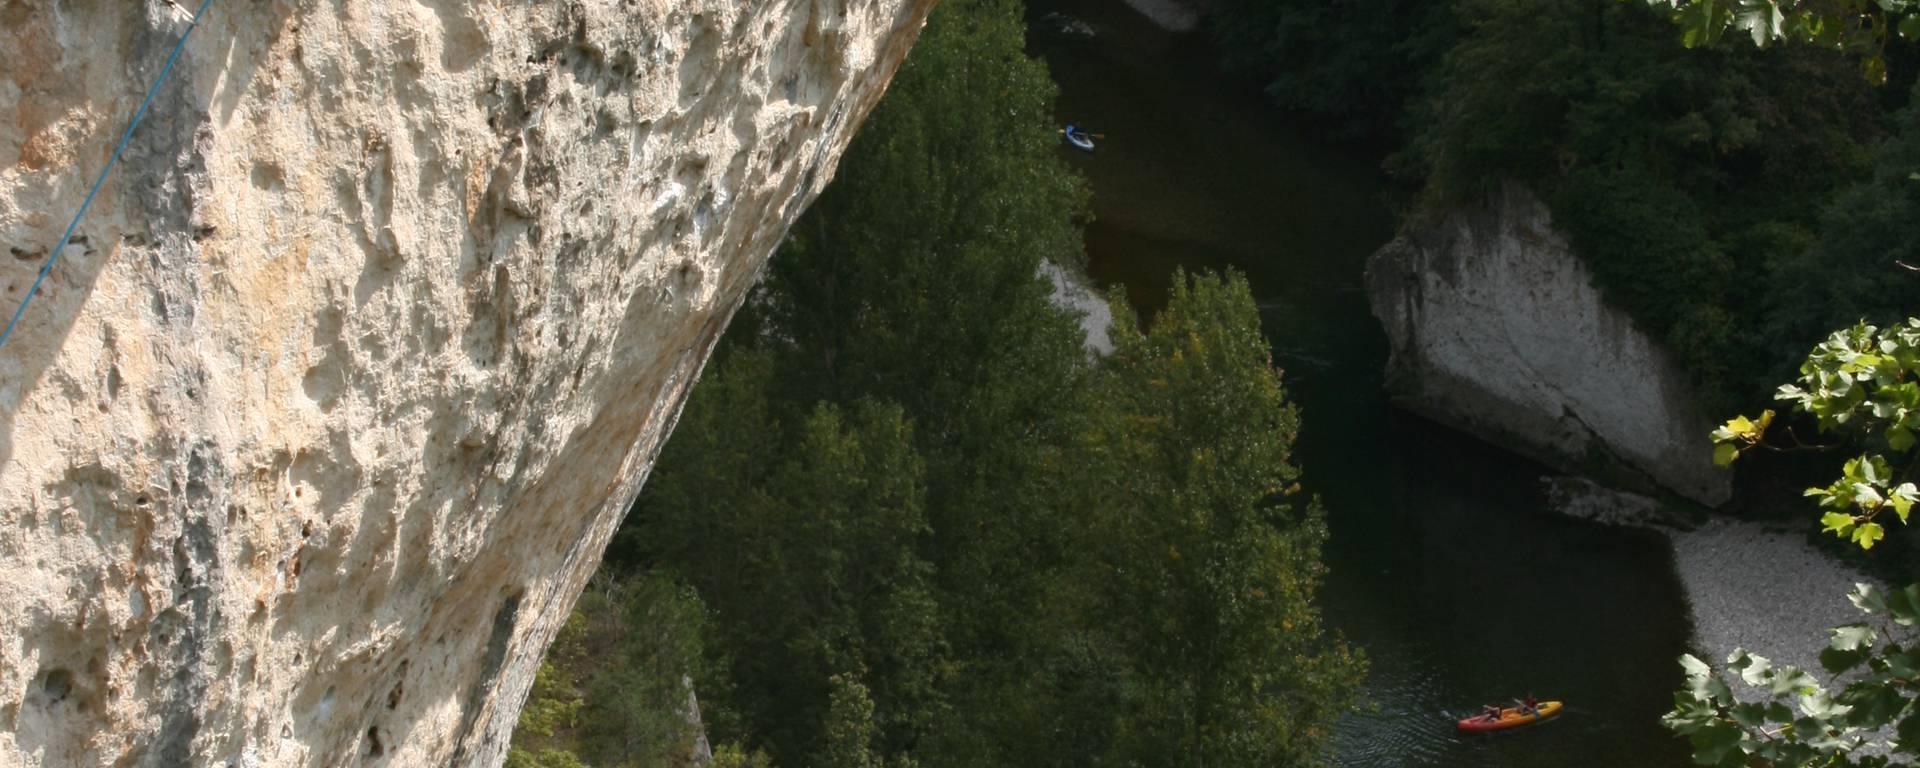 Un grimpeur dans les Gorges du Tarn au Cirque des Baumes